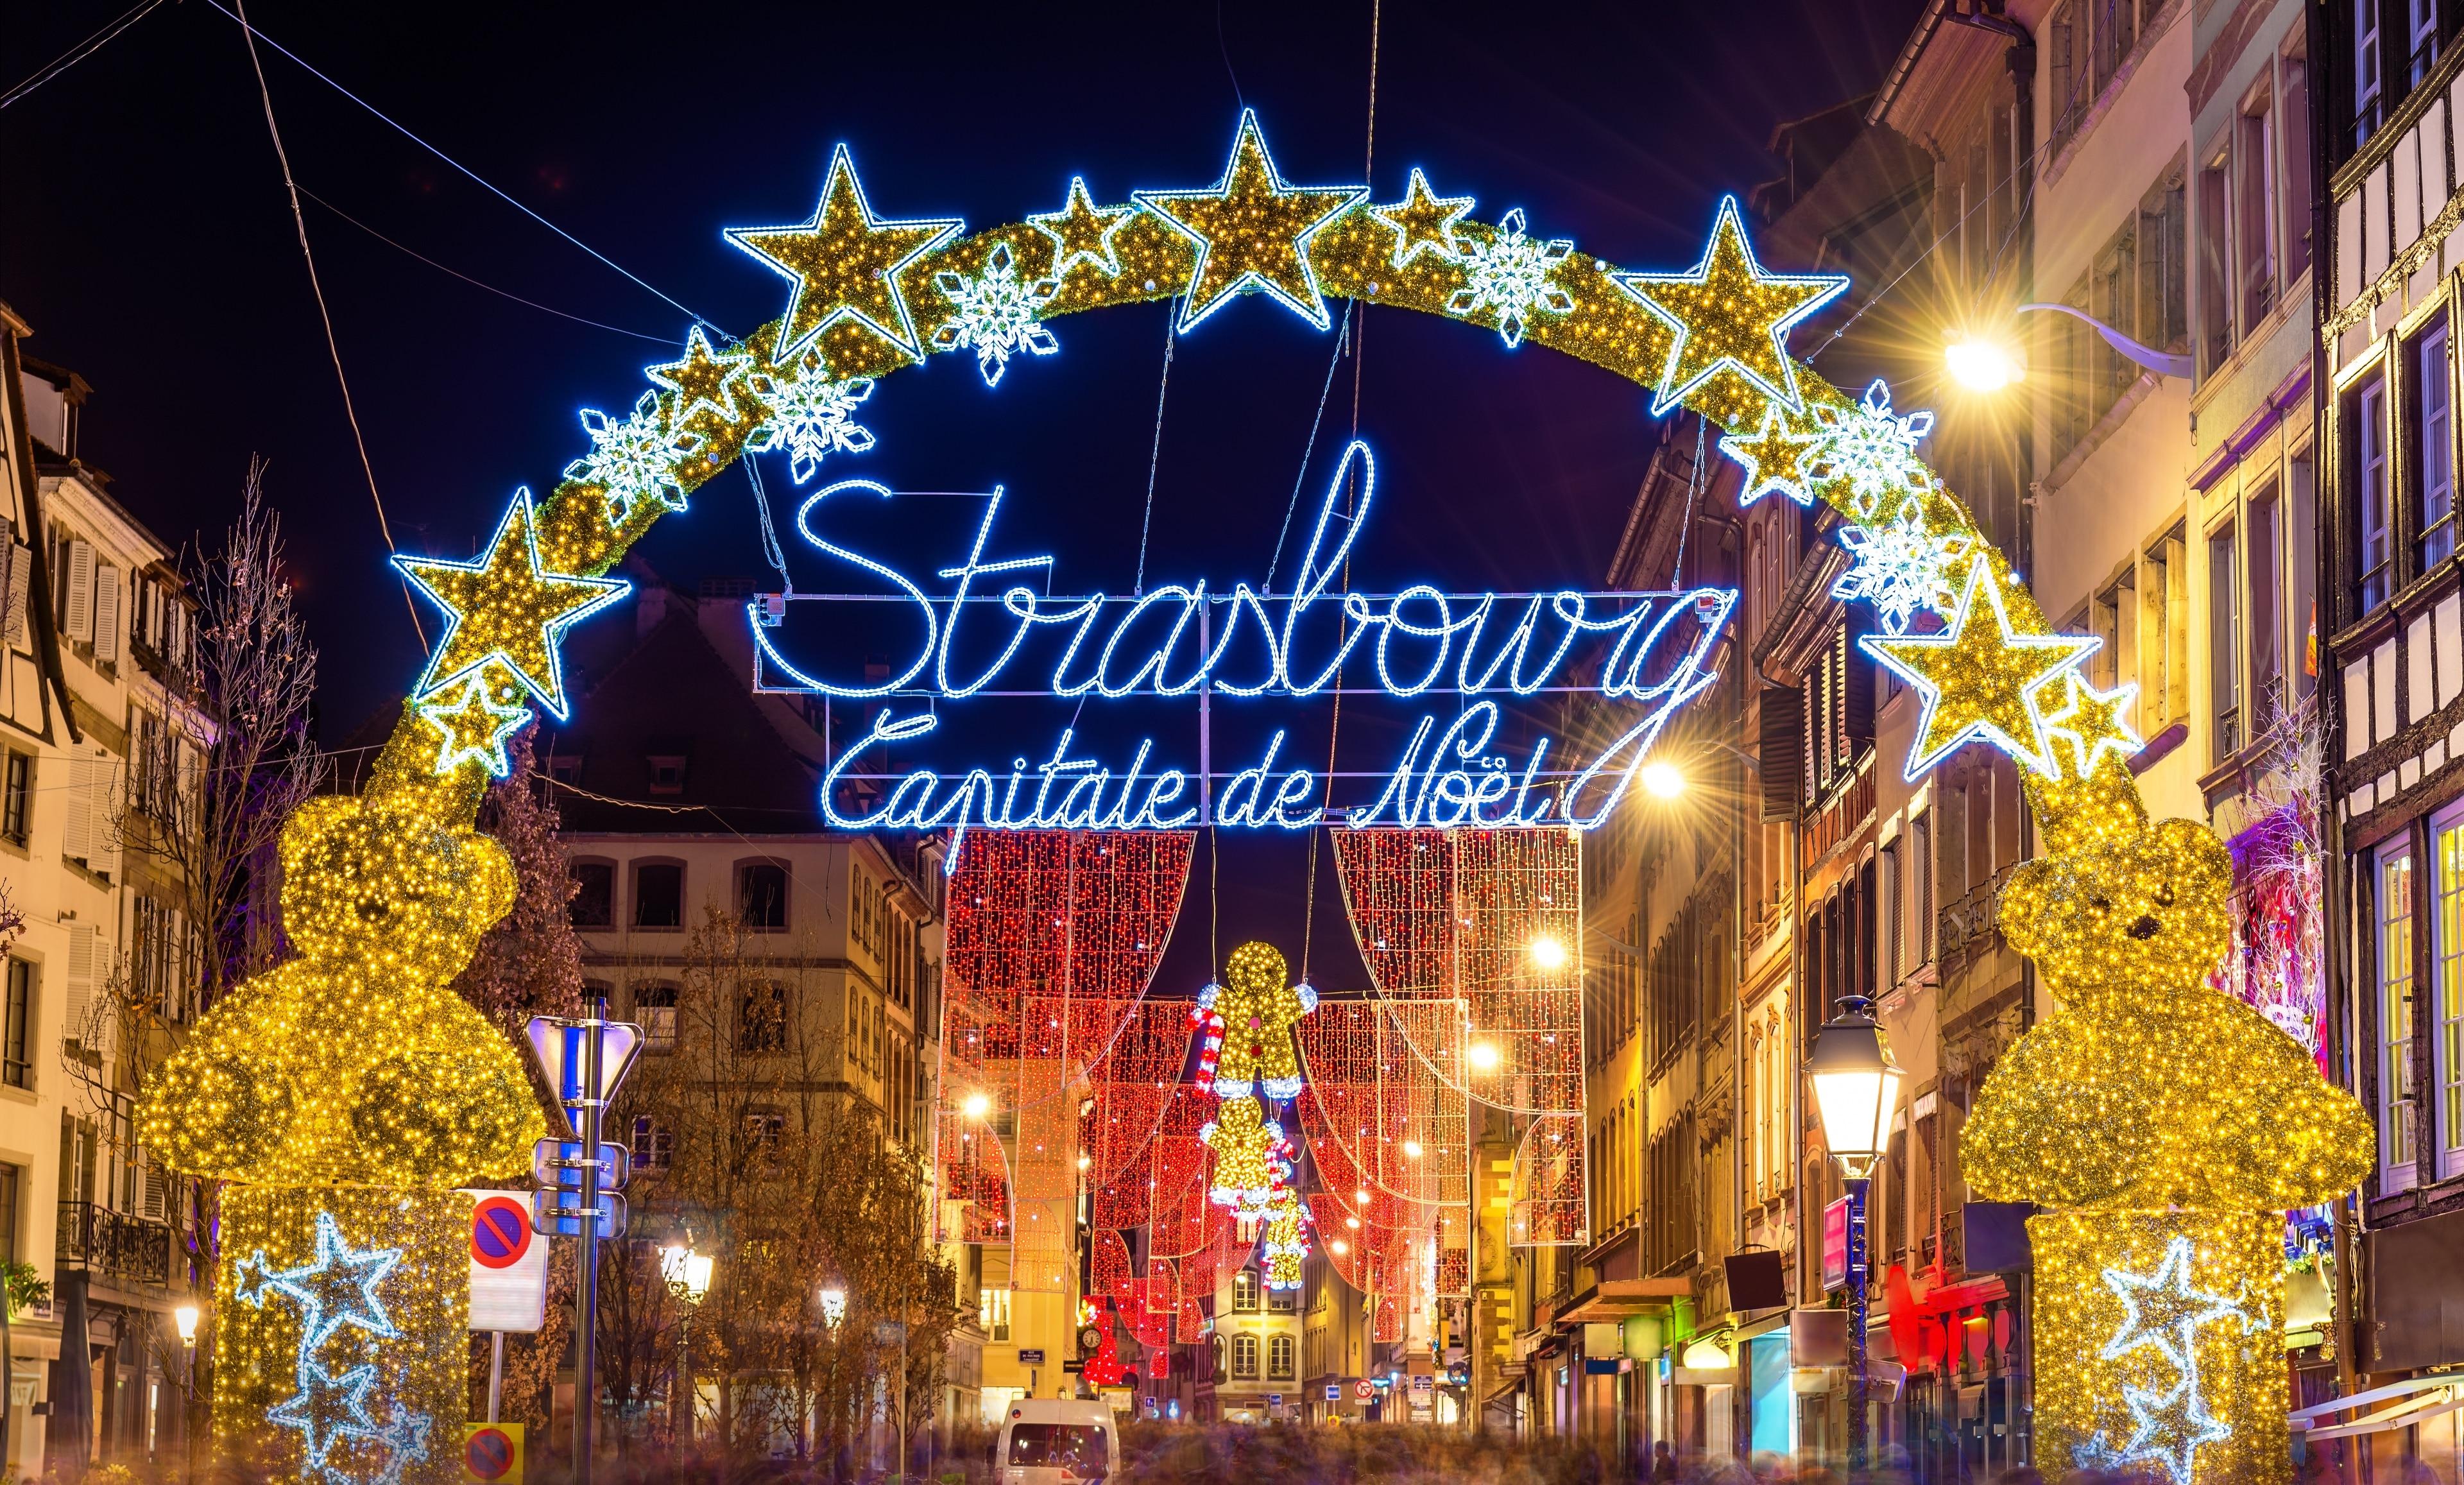 Sie sind auf der Suche nach einer tollen Shoppingmöglichkeit in Straßburg? Strasbourg Christmas Market ist ein Mekka für Freunde des gepflegten Einkaufsbummels. Nehmen Sie sich Zeit für die beeindruckende Kathedrale und verschönern Sie Ihren Aufenthalt mit Touren durch die Region in dieser fußgängerfreundlichen Gegend.